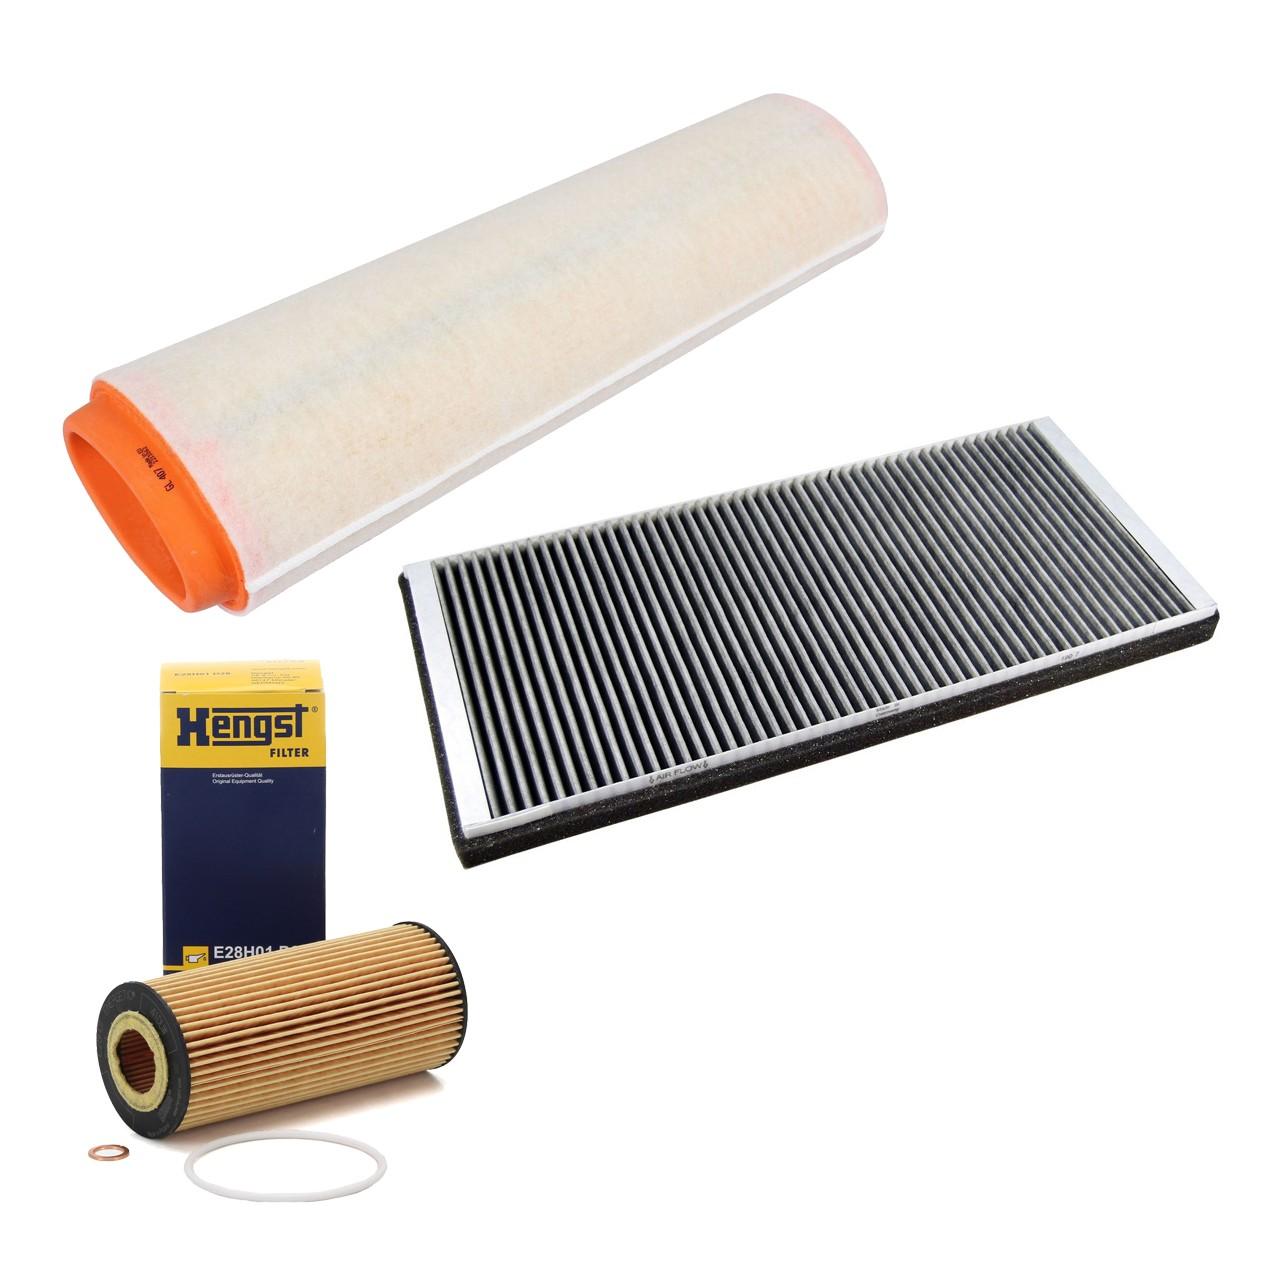 Inspektionskit Filterpaket Filterset für BMW X5 E53 3.0d 211 / 218 PS